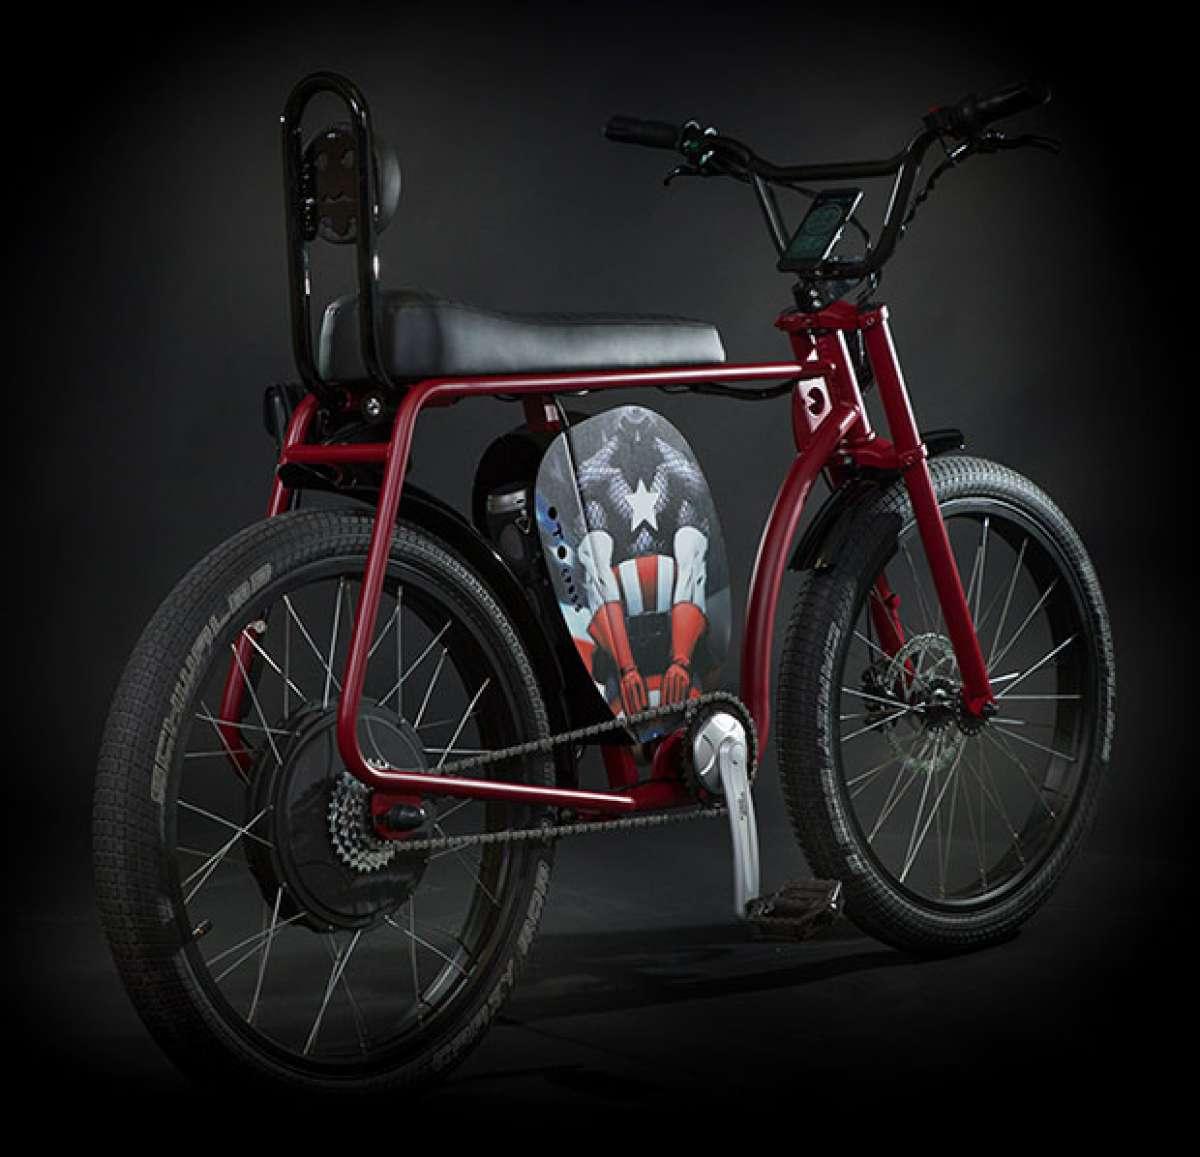 Retorno a la infancia con la Oto Cycles CrosS, una bicicleta eléctrica inspirada en la estética de los 80